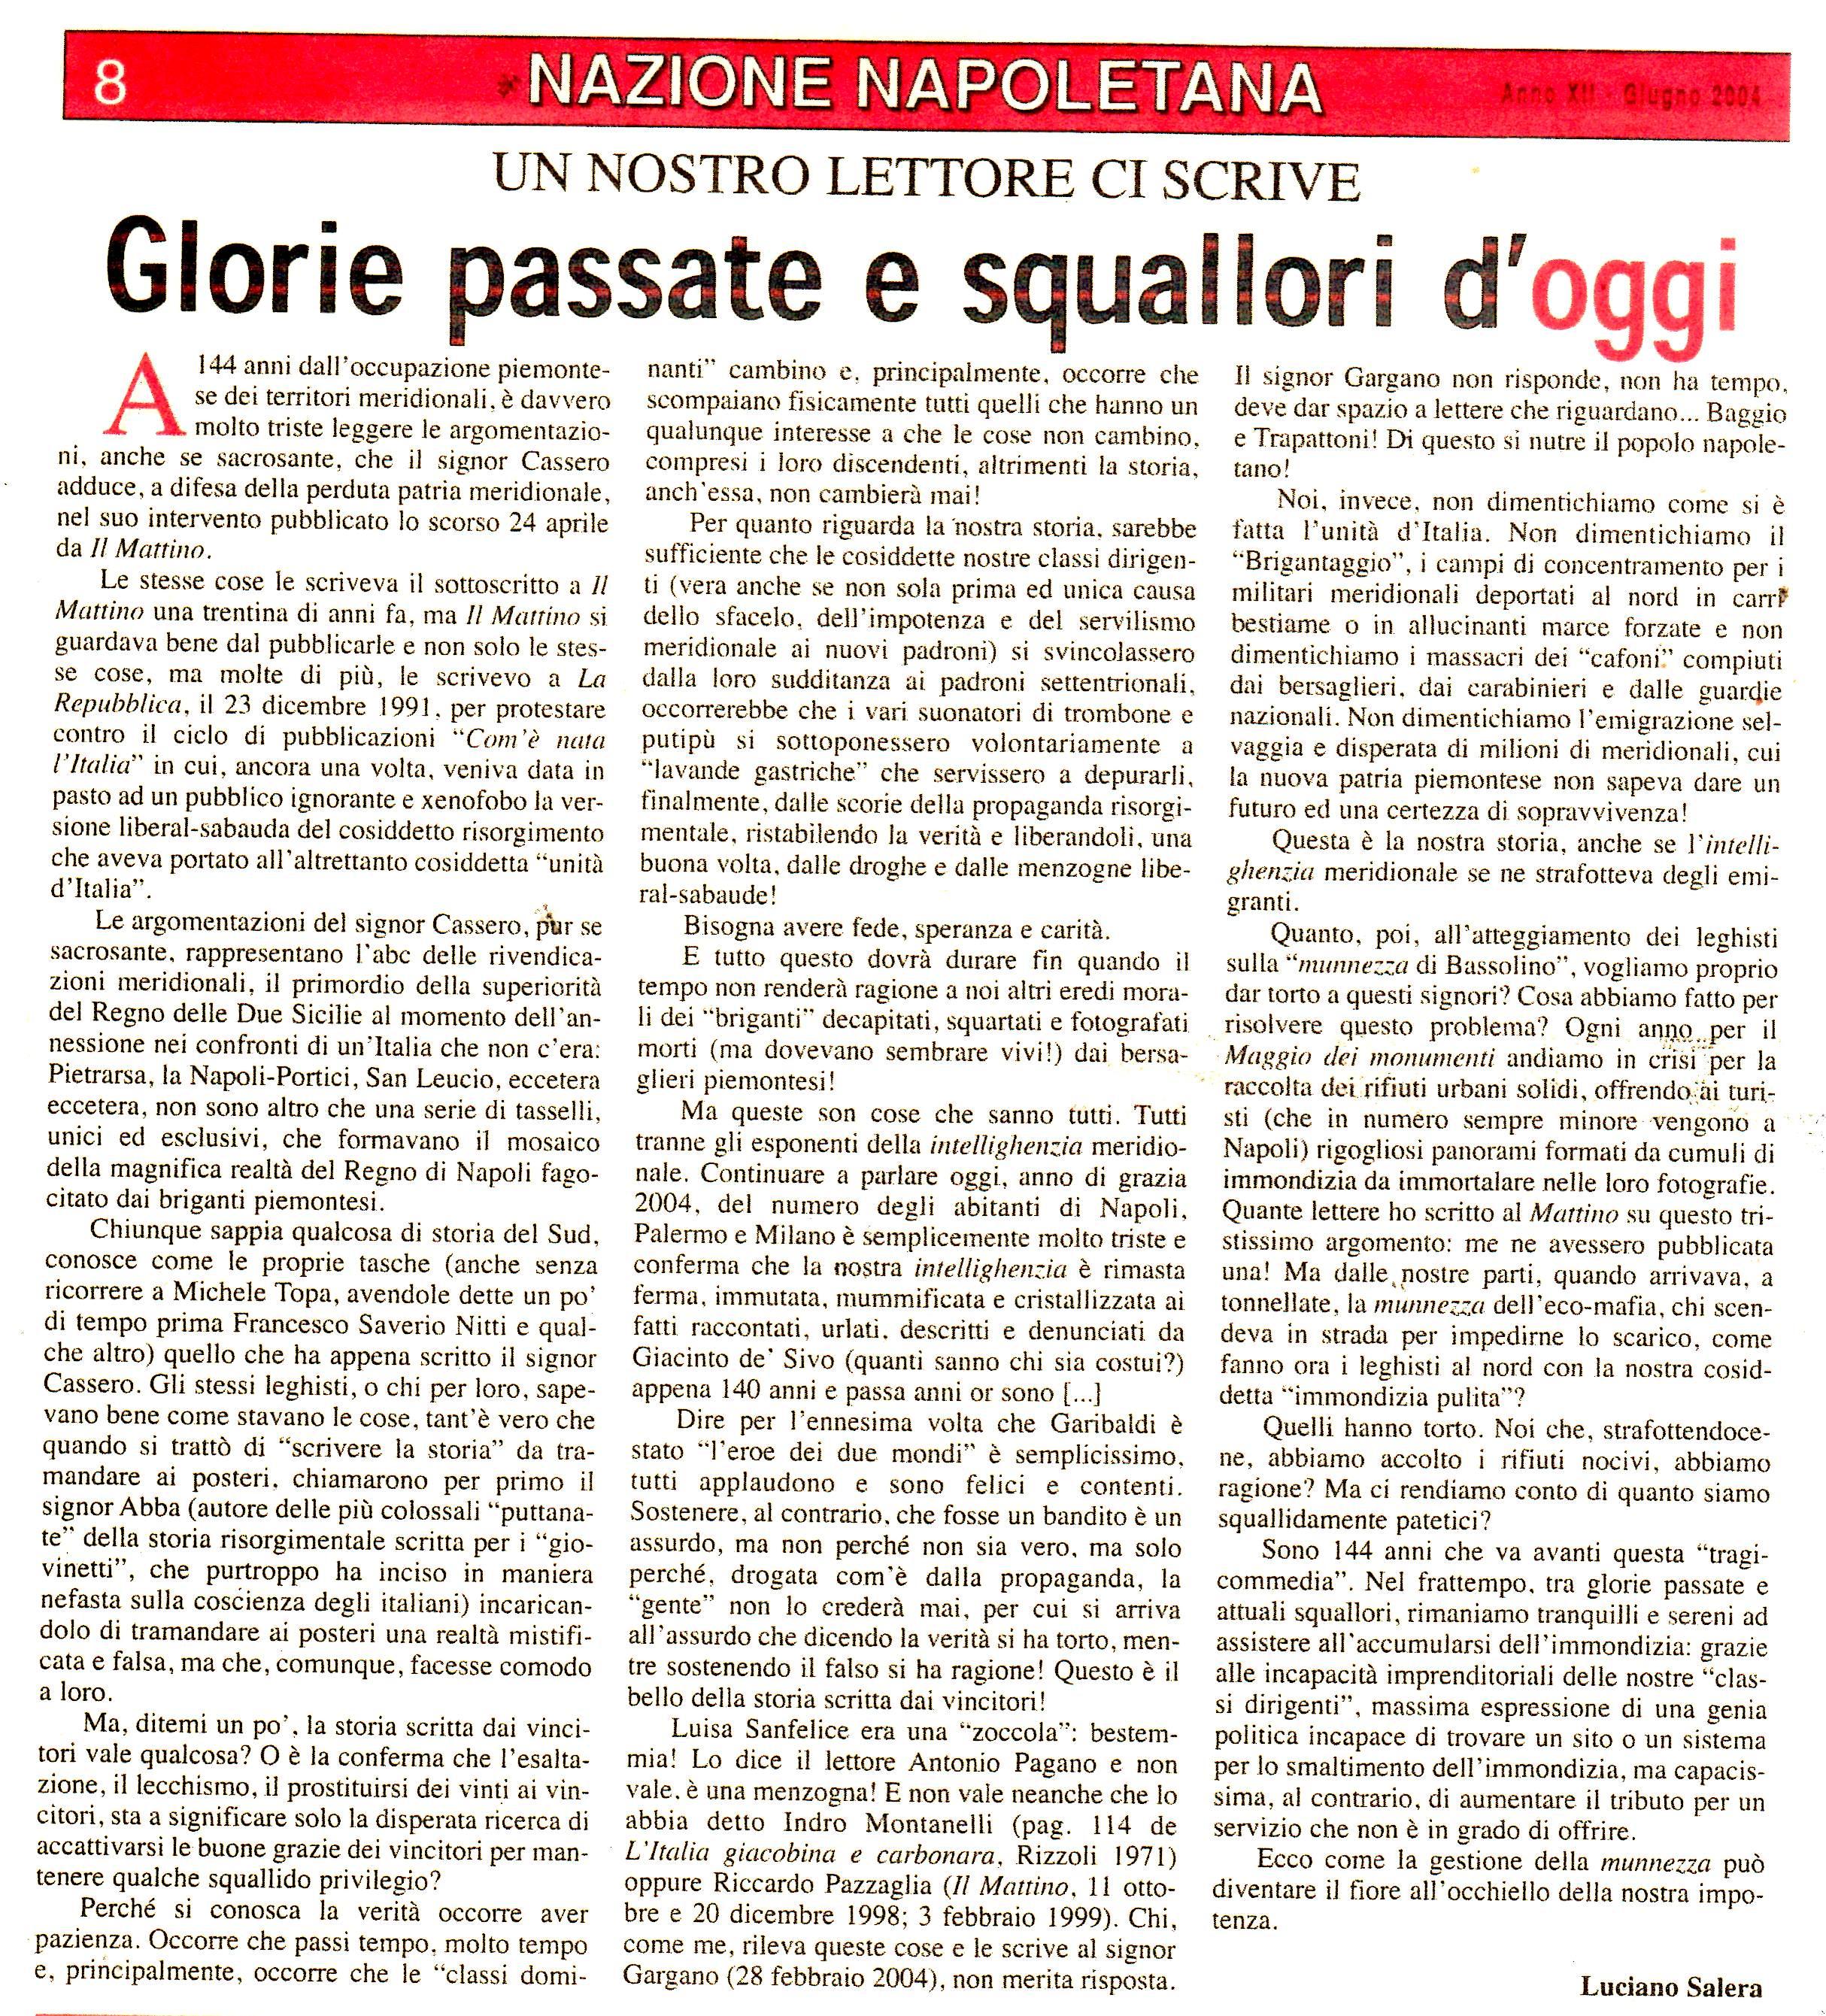 Luciano SaleraGiugno 2004